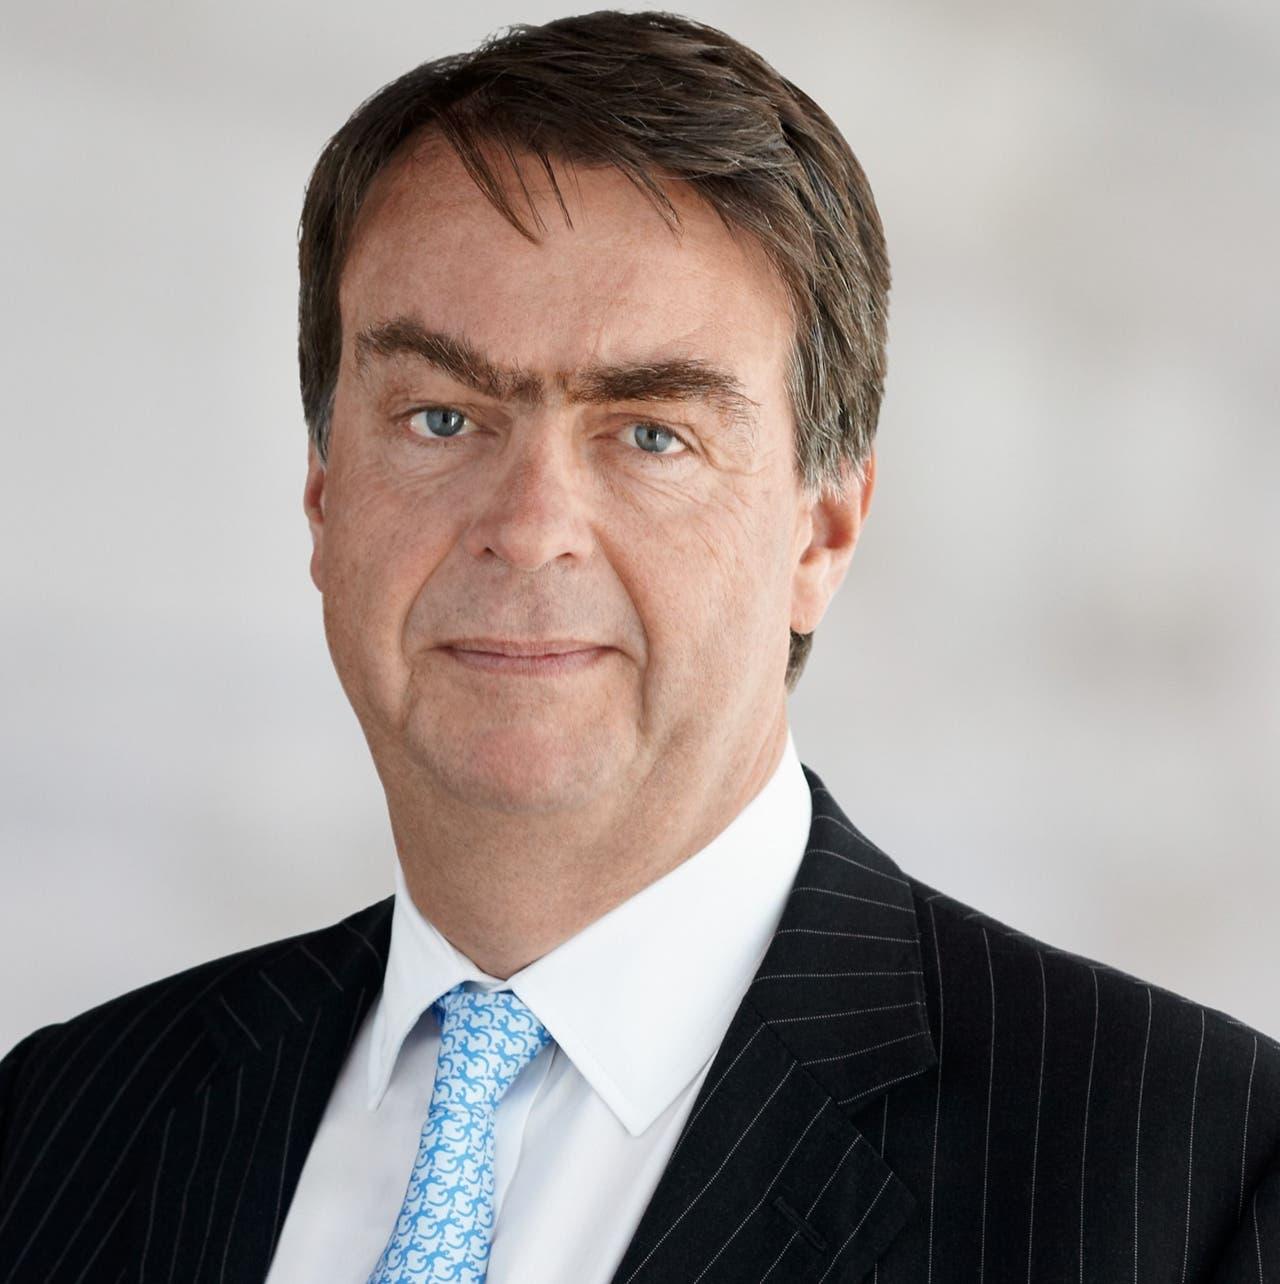 2. Platz: André Hoffmann mit Familien Hoffmann und Oeri sitzen mit der Pharma-Firma Roche auf 27,5 Milliarden Franken.